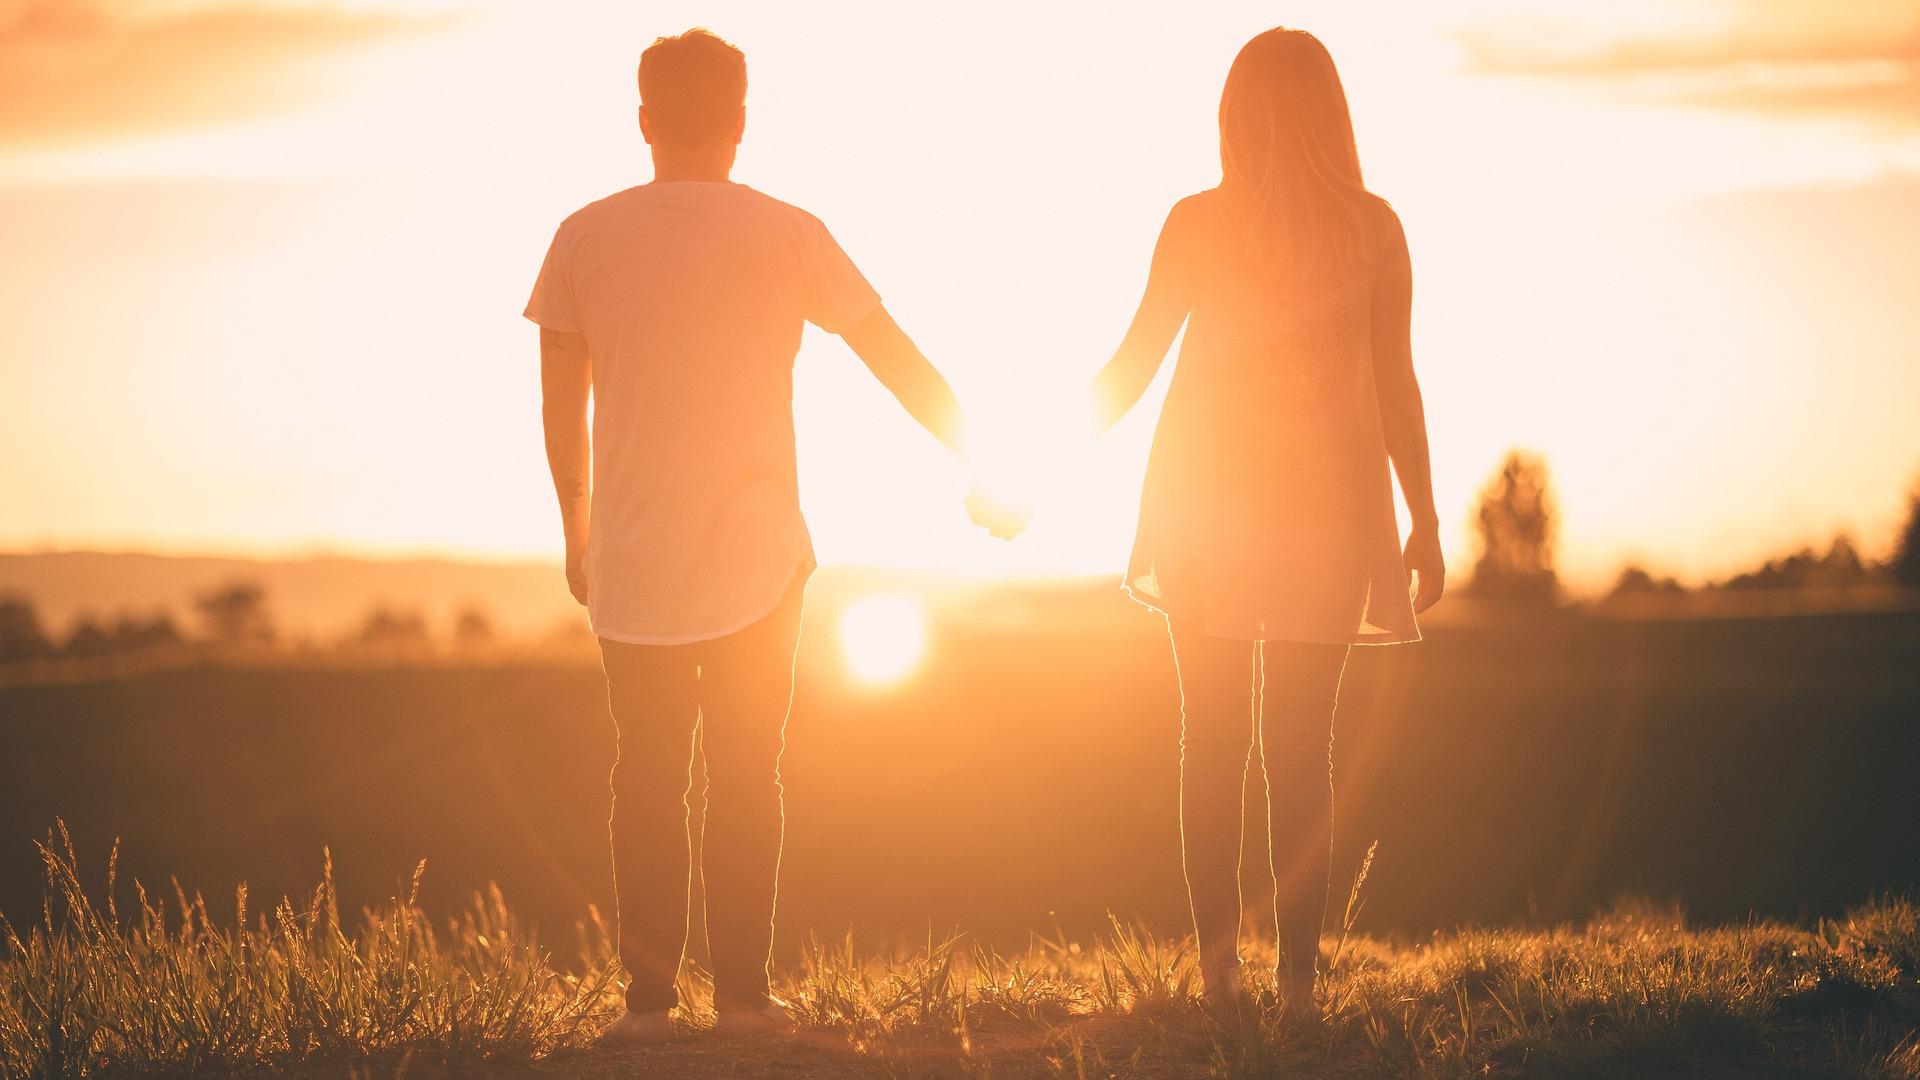 beneficios-del-sol-para-el-medioambiente-serhumano